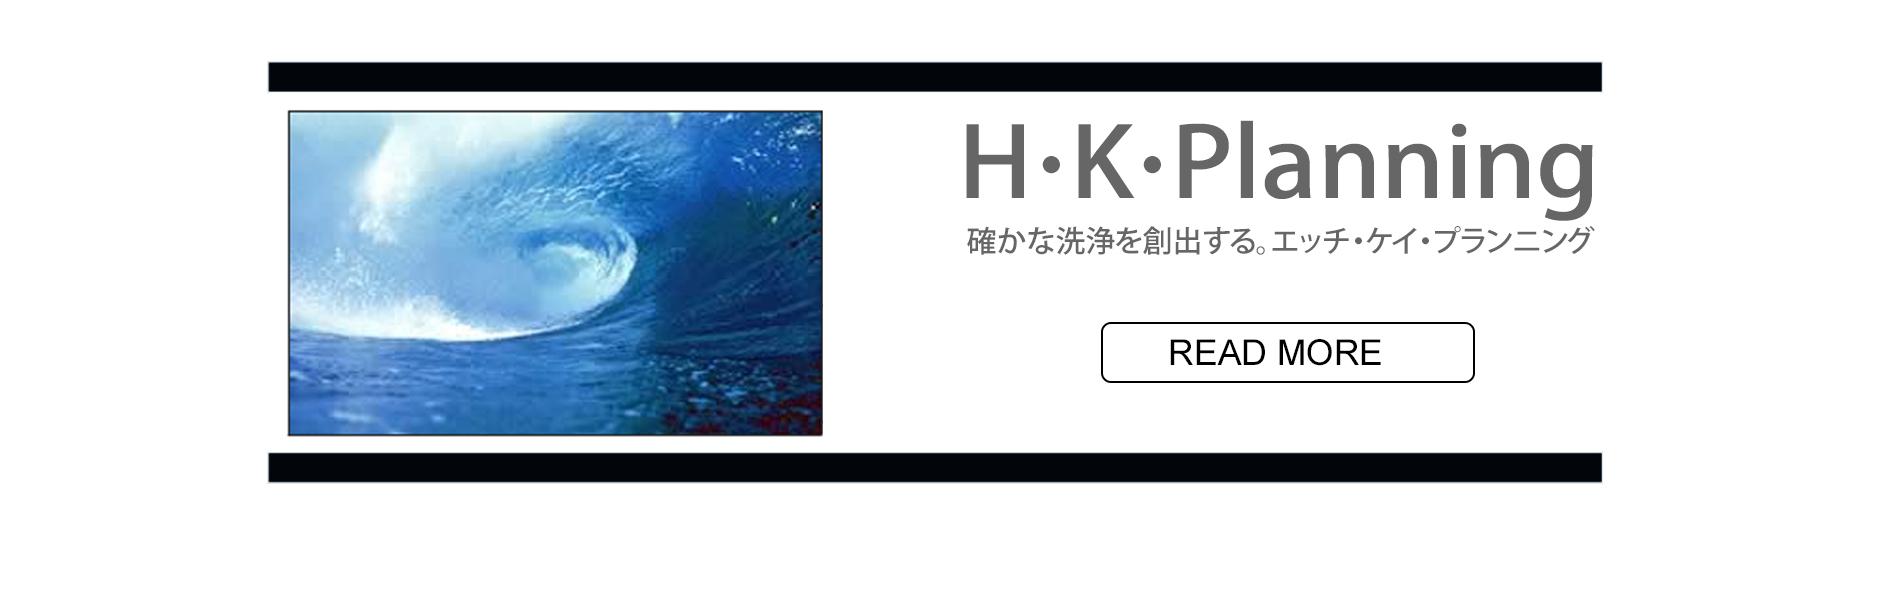 H・K・Planning 確かな洗浄を創出する エッチケイプランニング